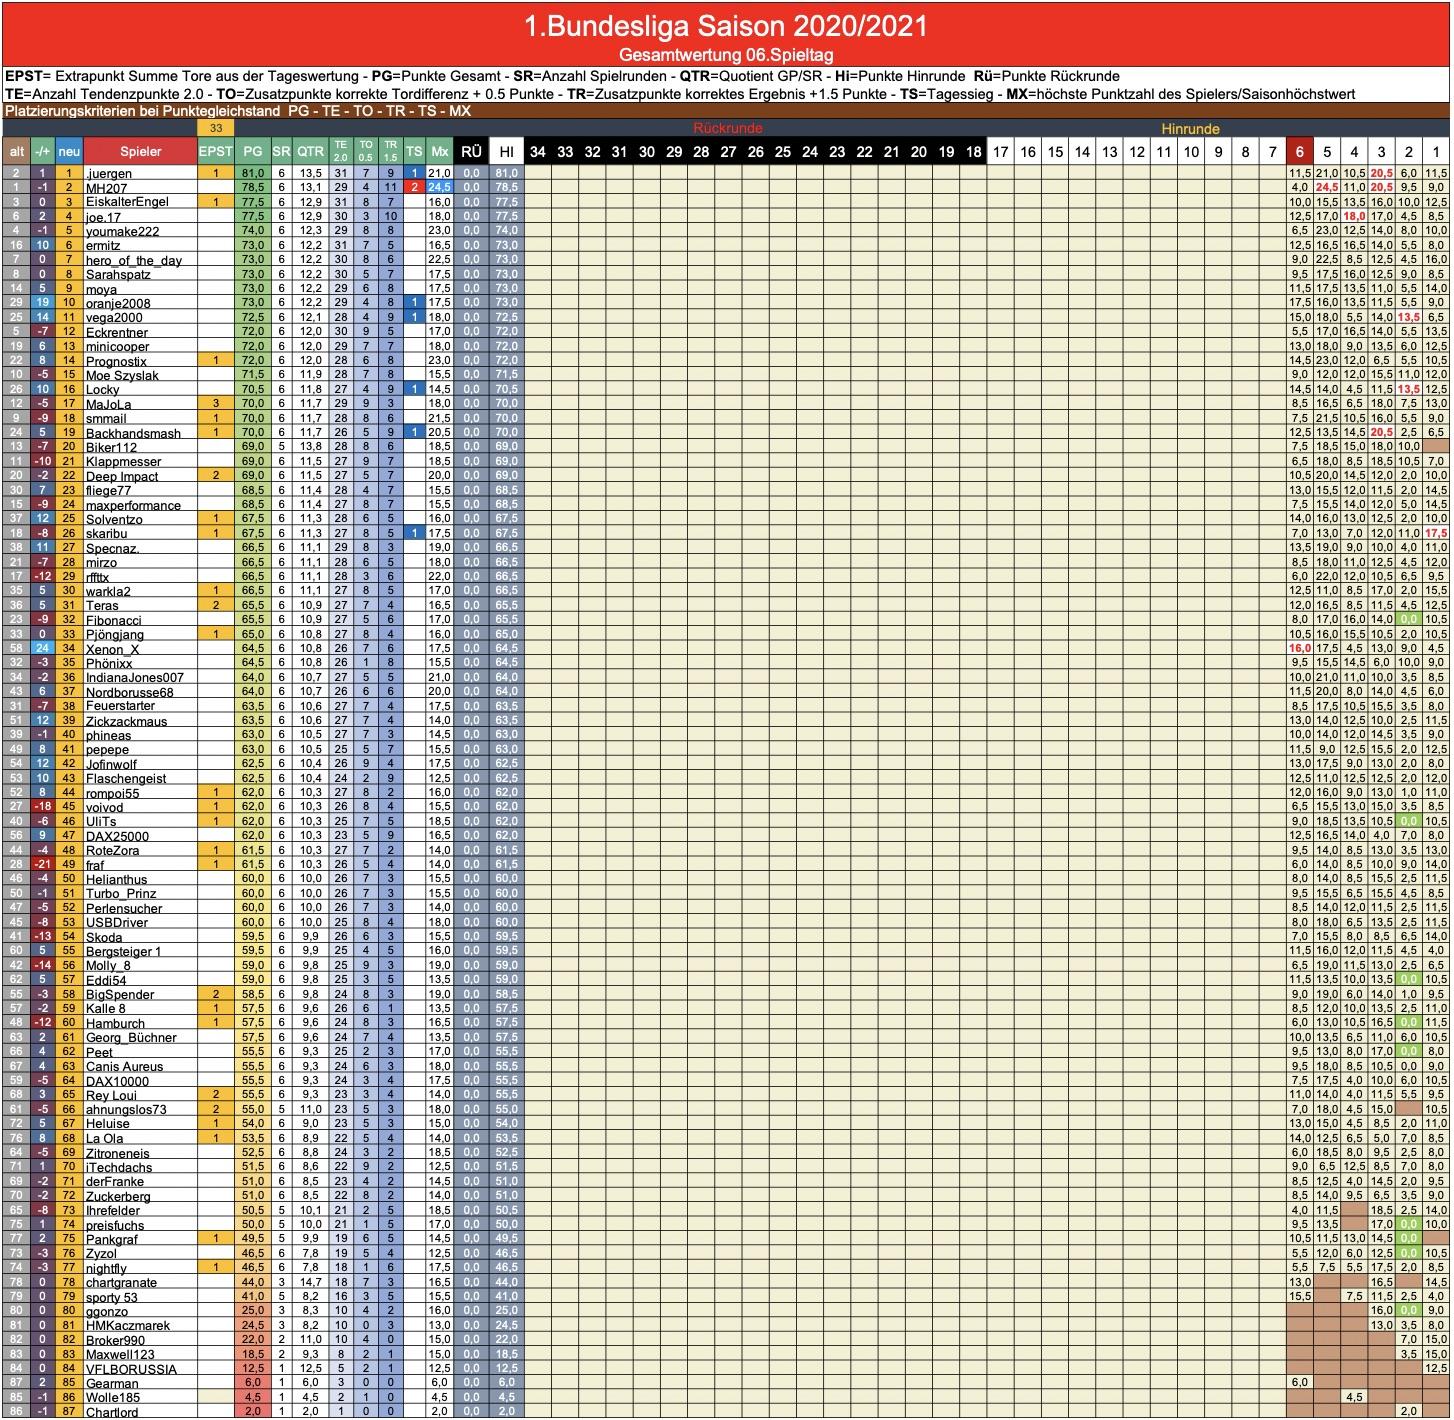 bildschirmfoto_2020-11-02_um_22.jpg